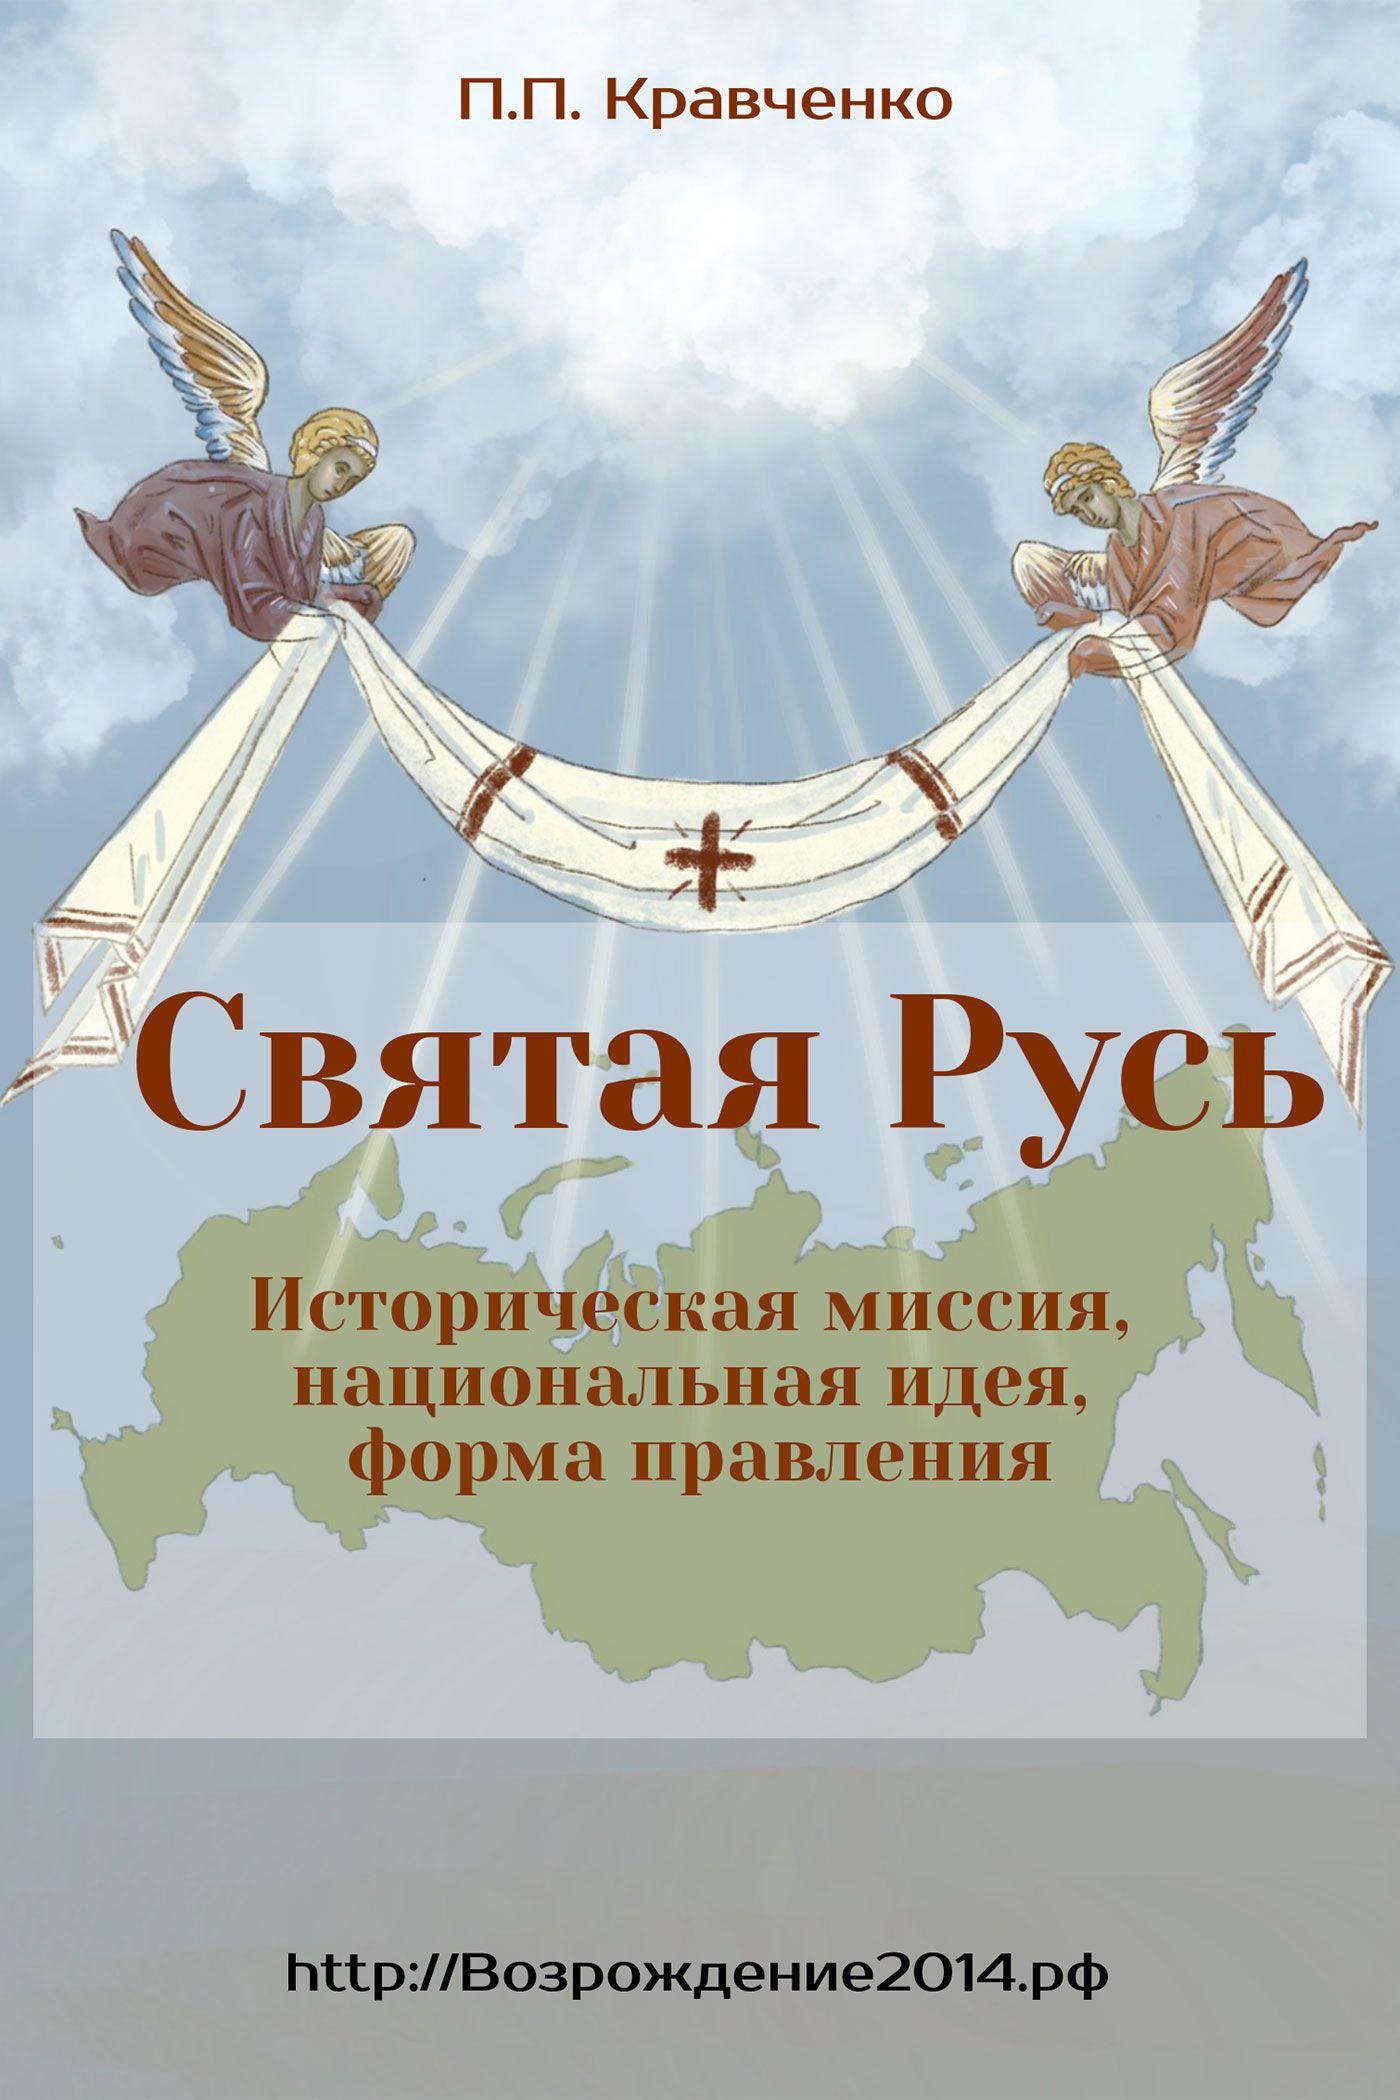 Святая Русь. Историческая миссия, национальная идея, форма правления